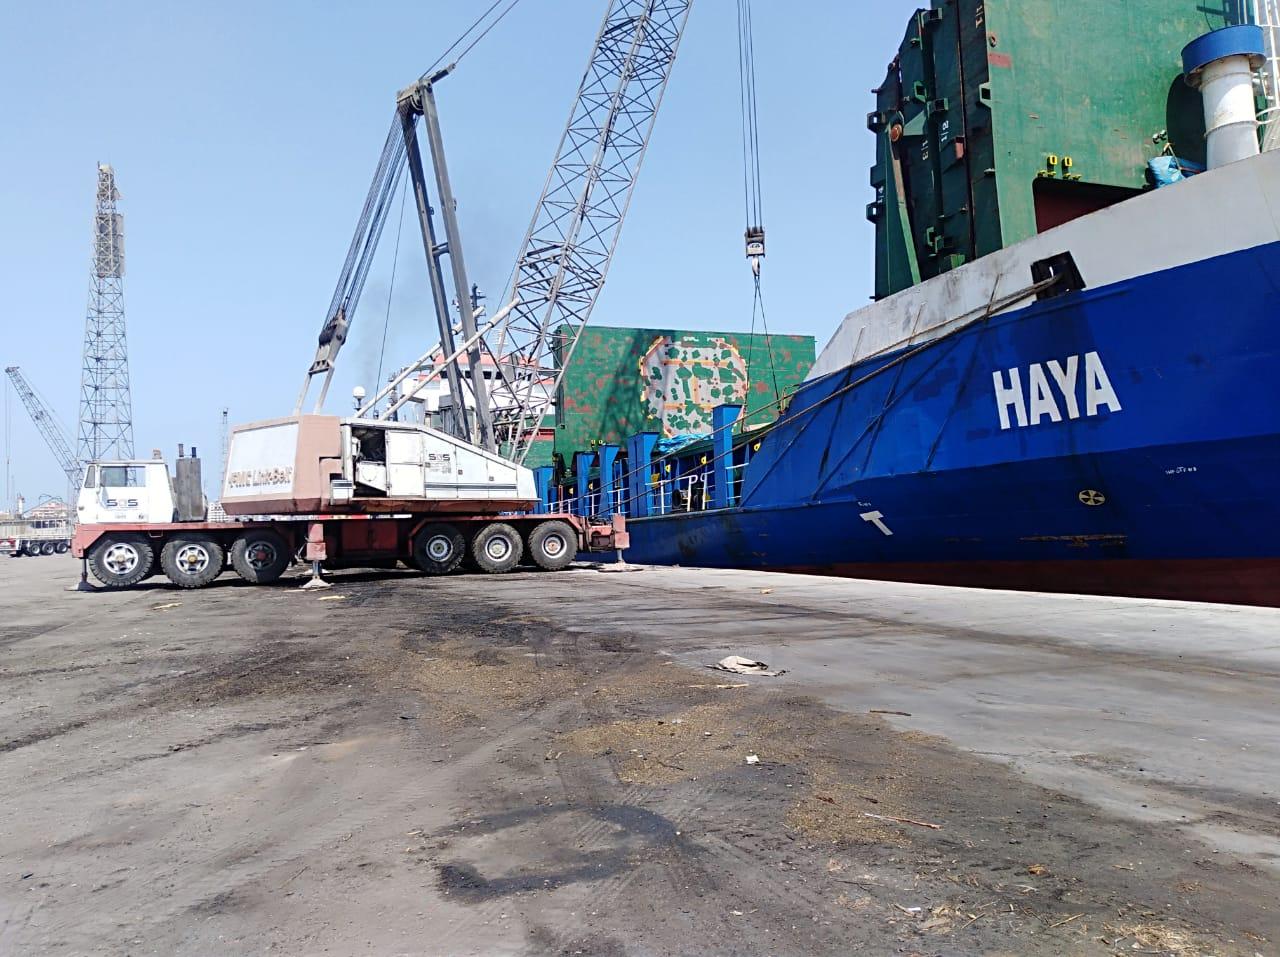 موانئ بورسعيد تستقبل السفينة HAYA لتفريغ 1800 طن مواسير